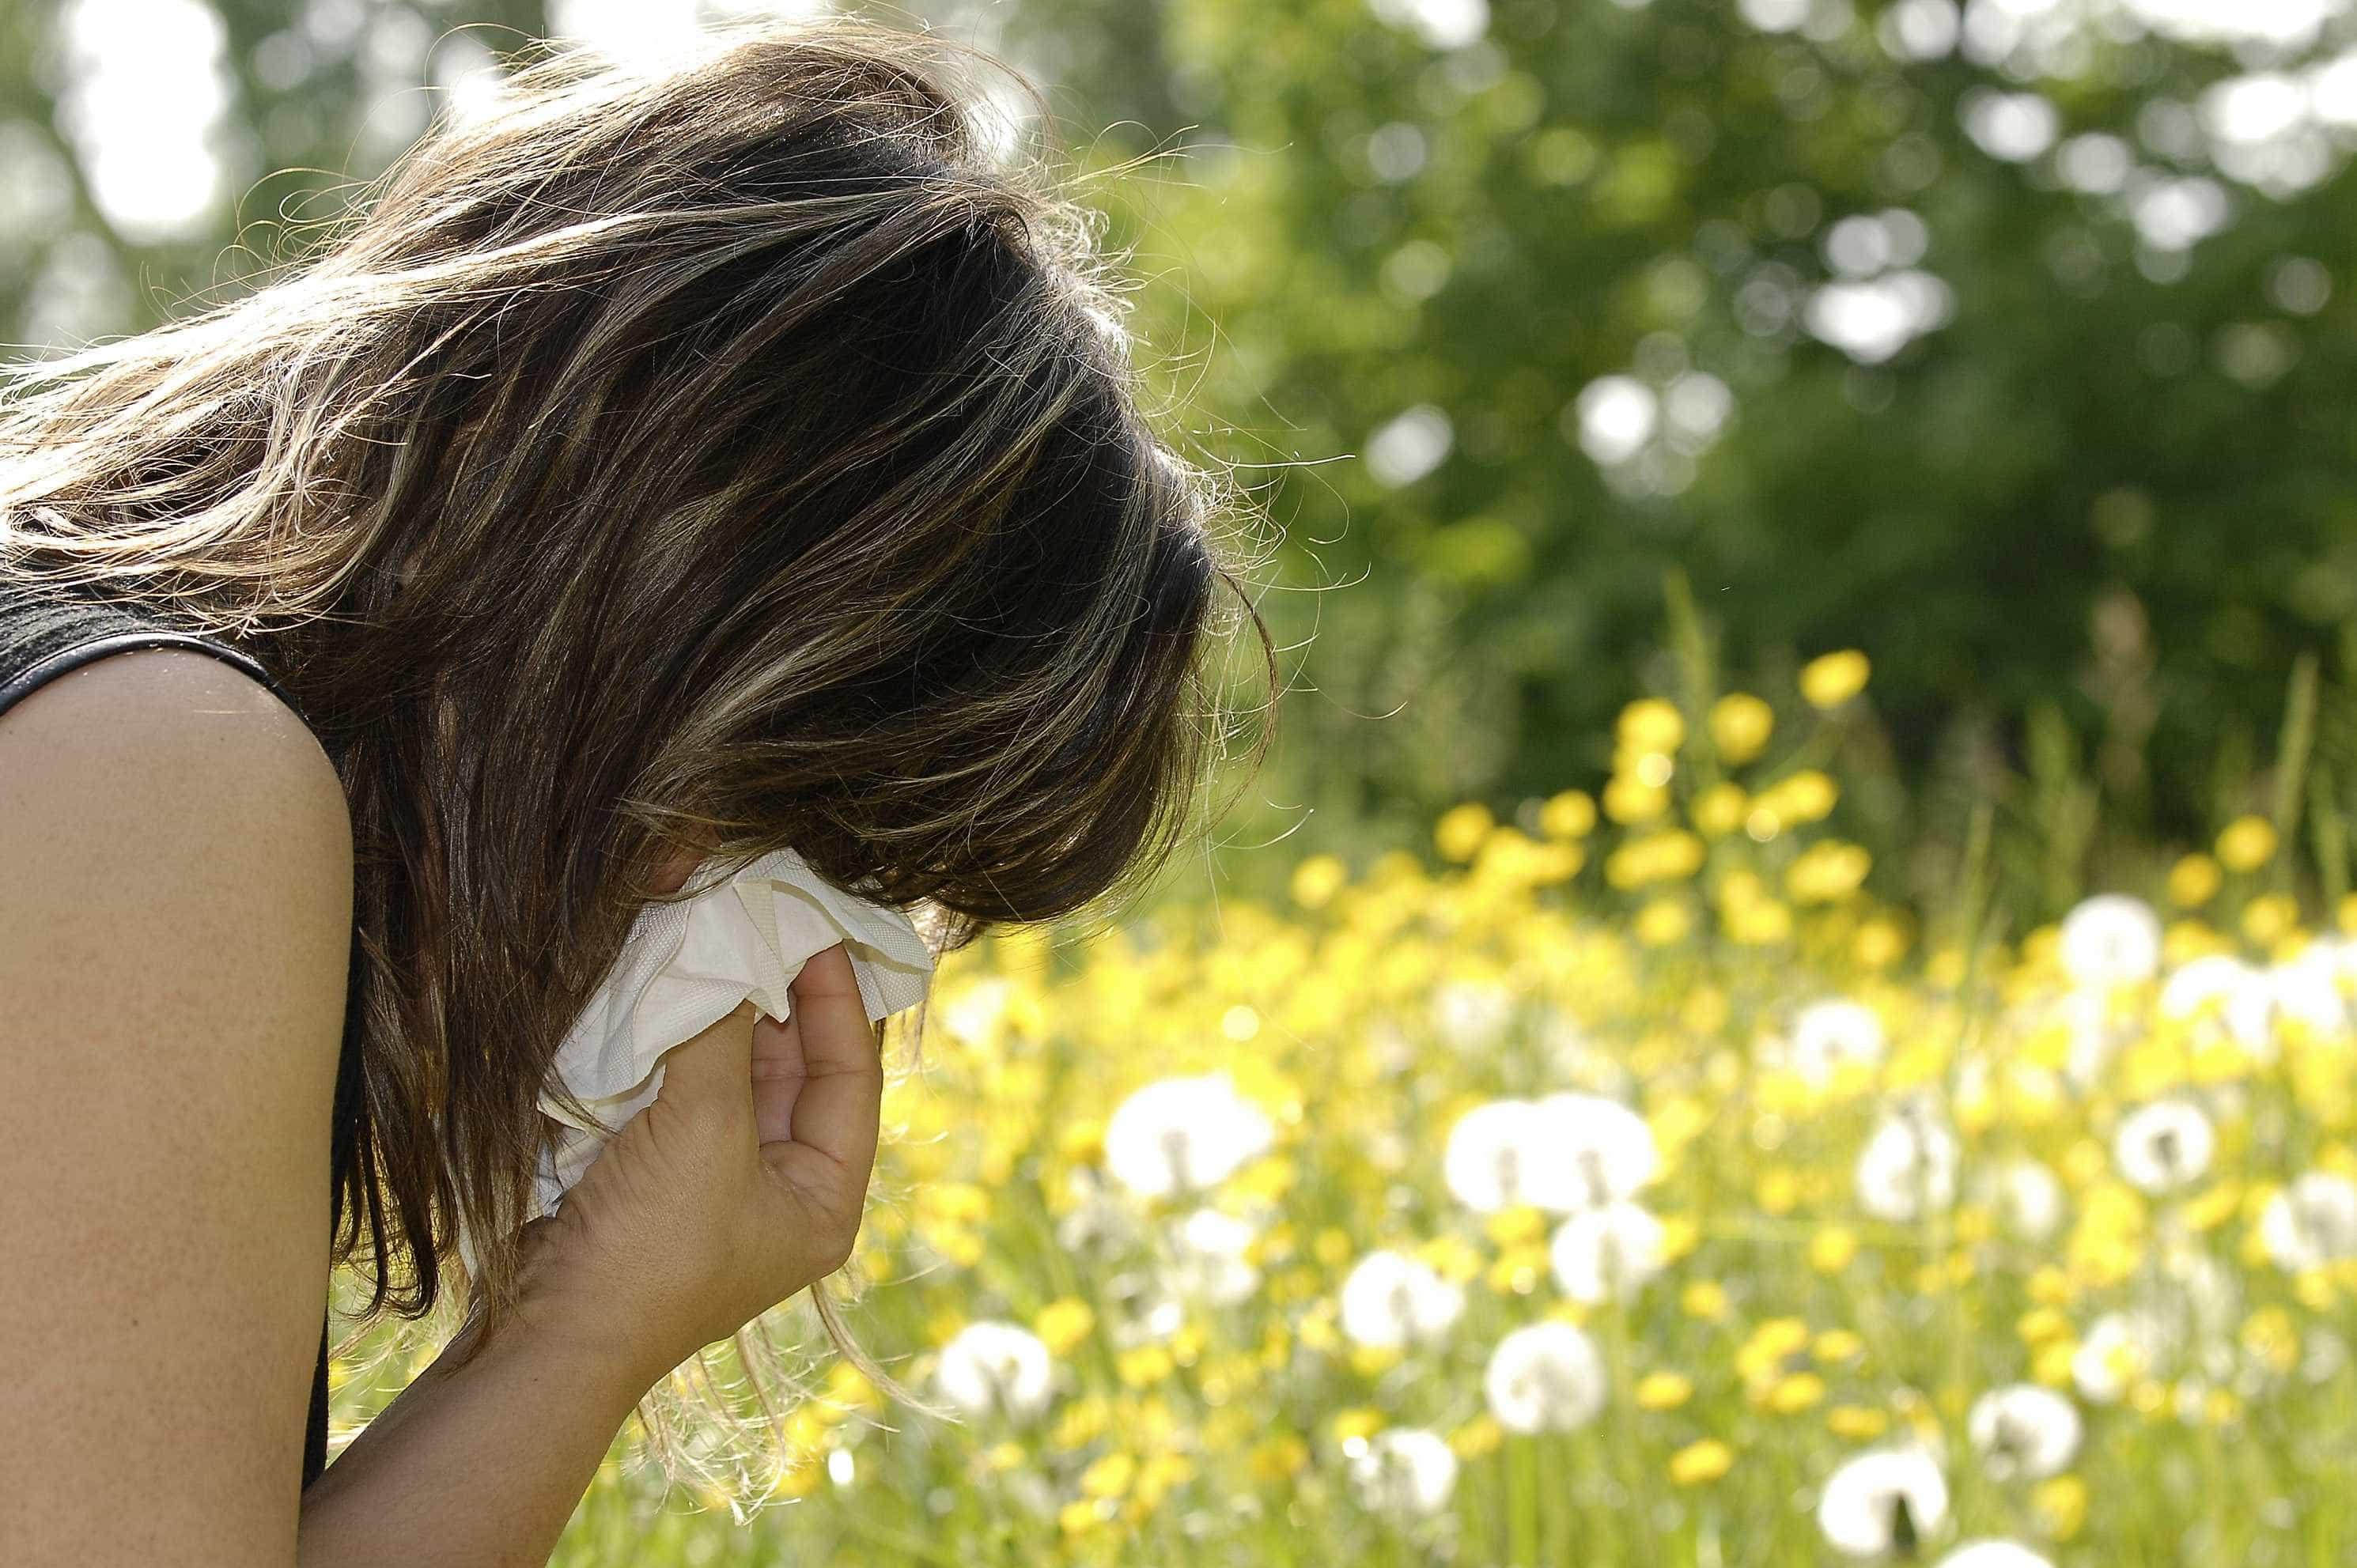 Primavera está a chegar e na bagagem traz estes alergénicos